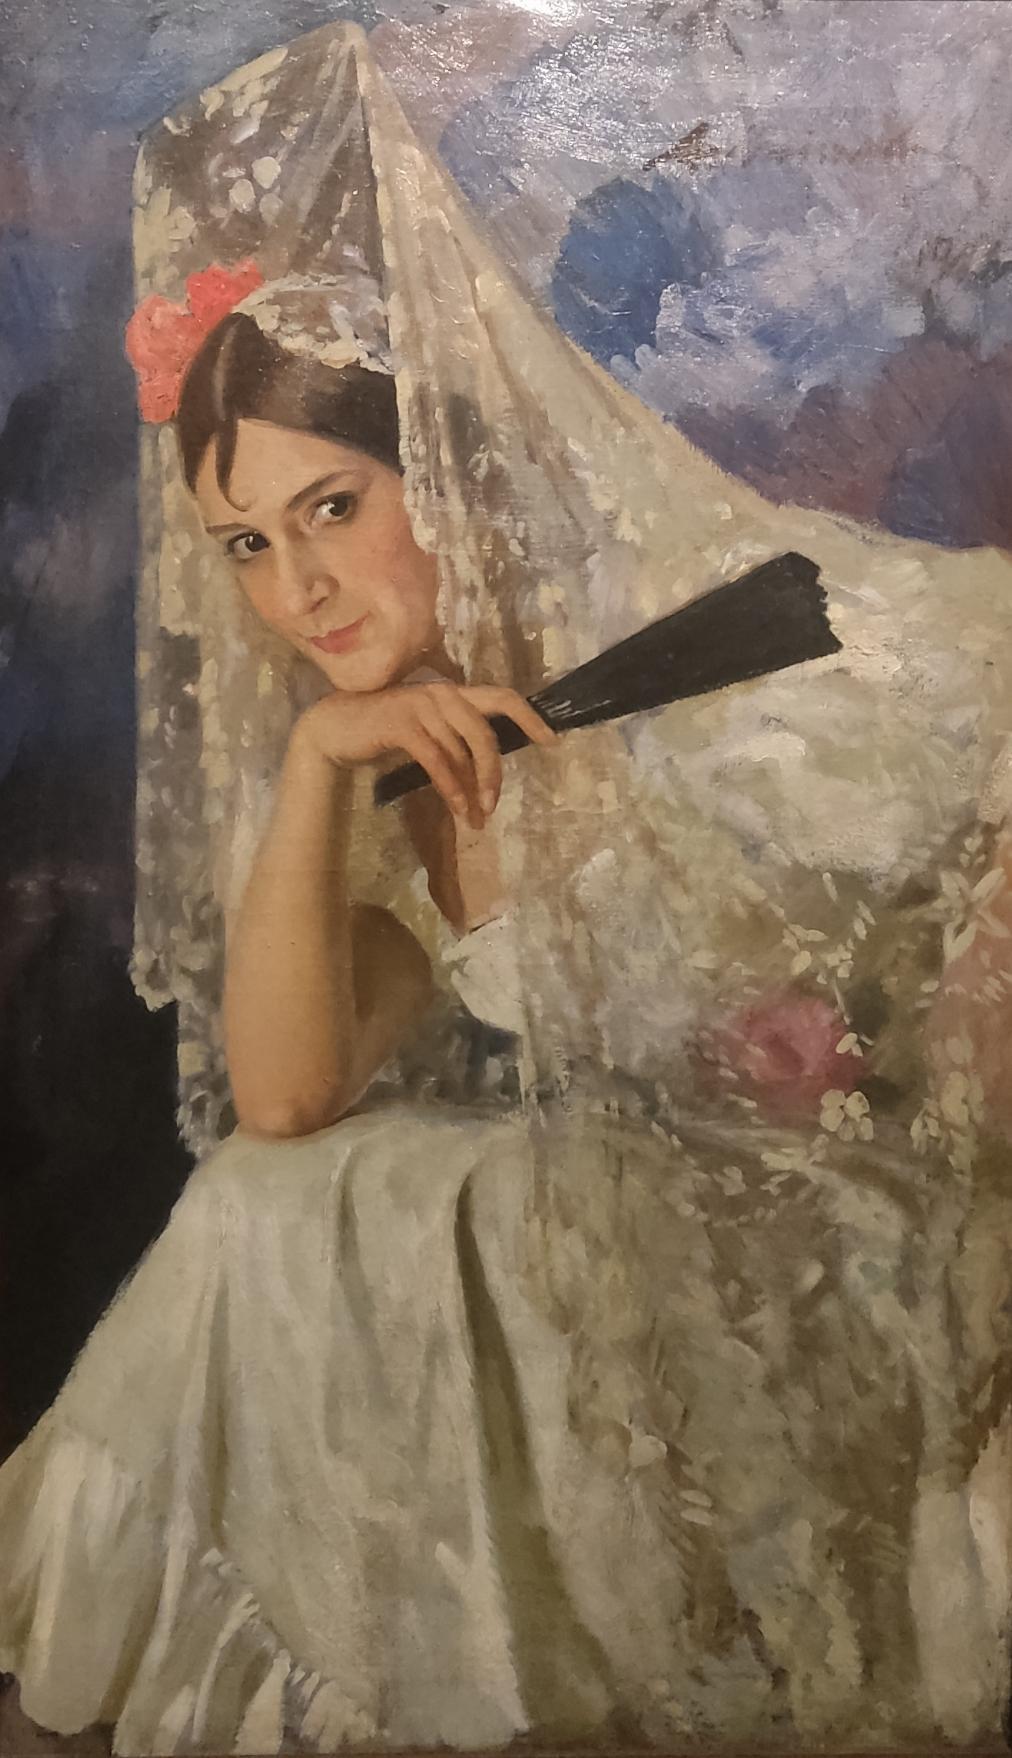 Любимов А. М. Портрет актрисы. 1923